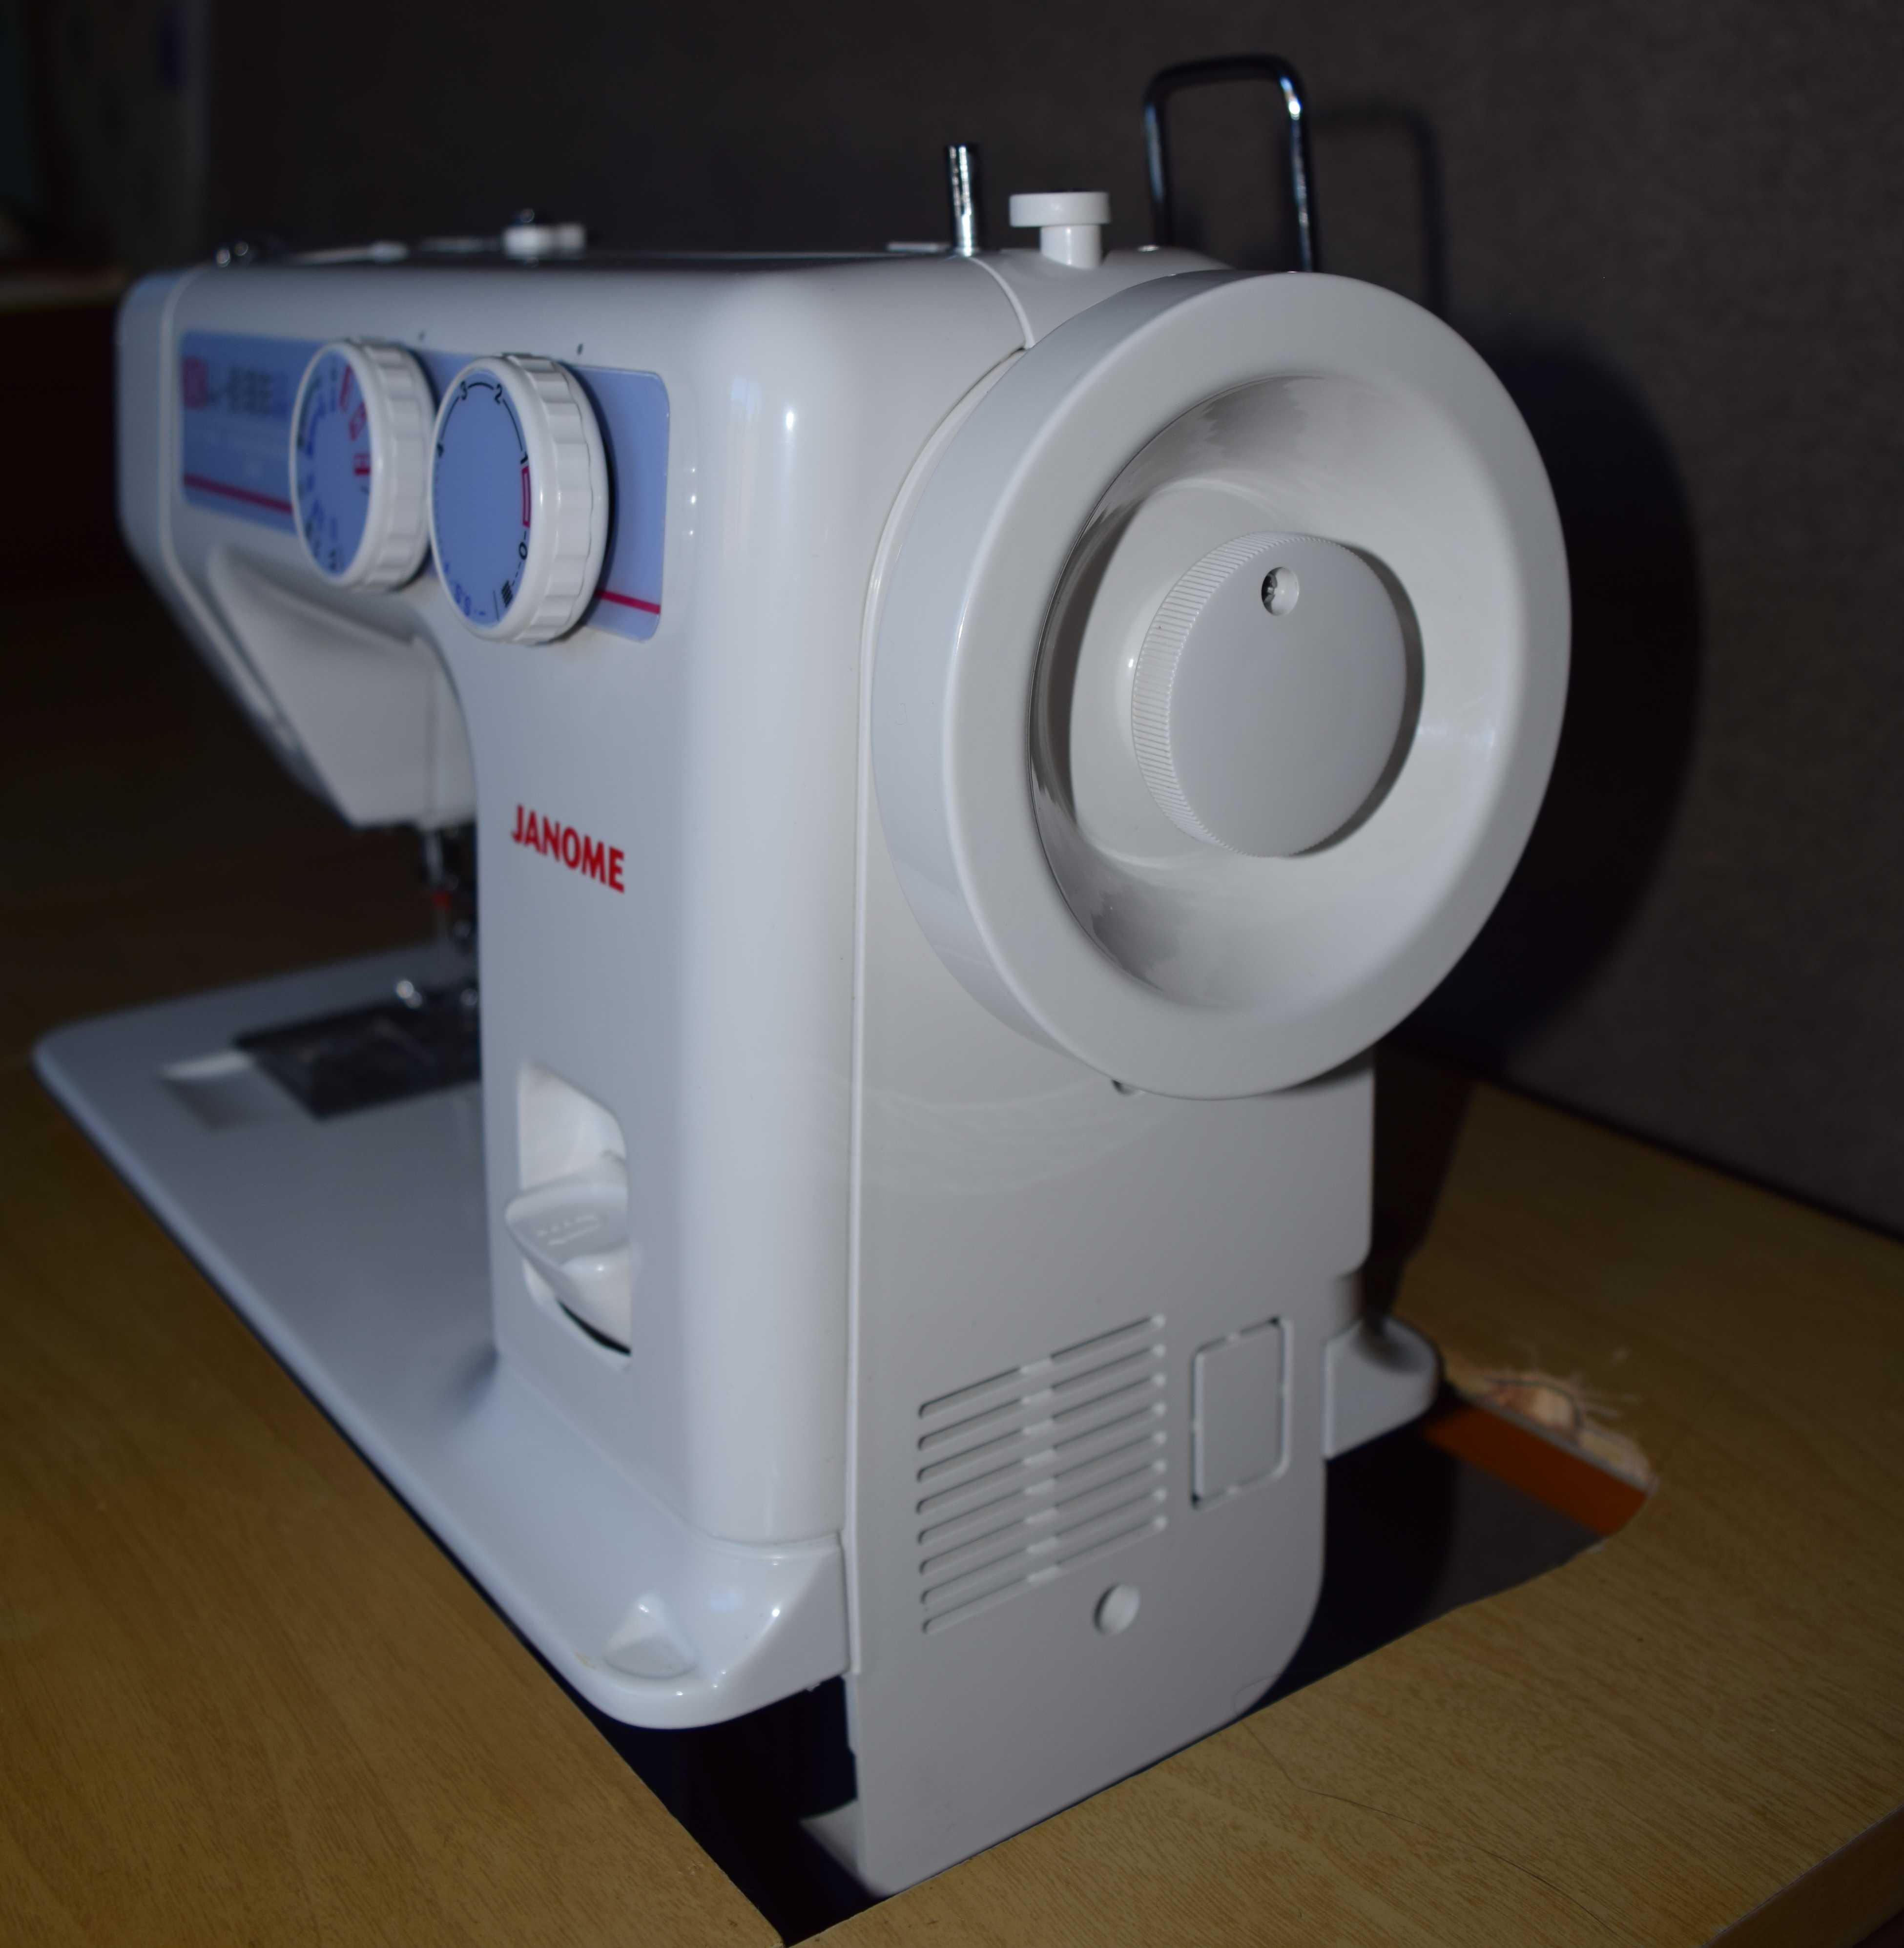 janome 712t sewing machine